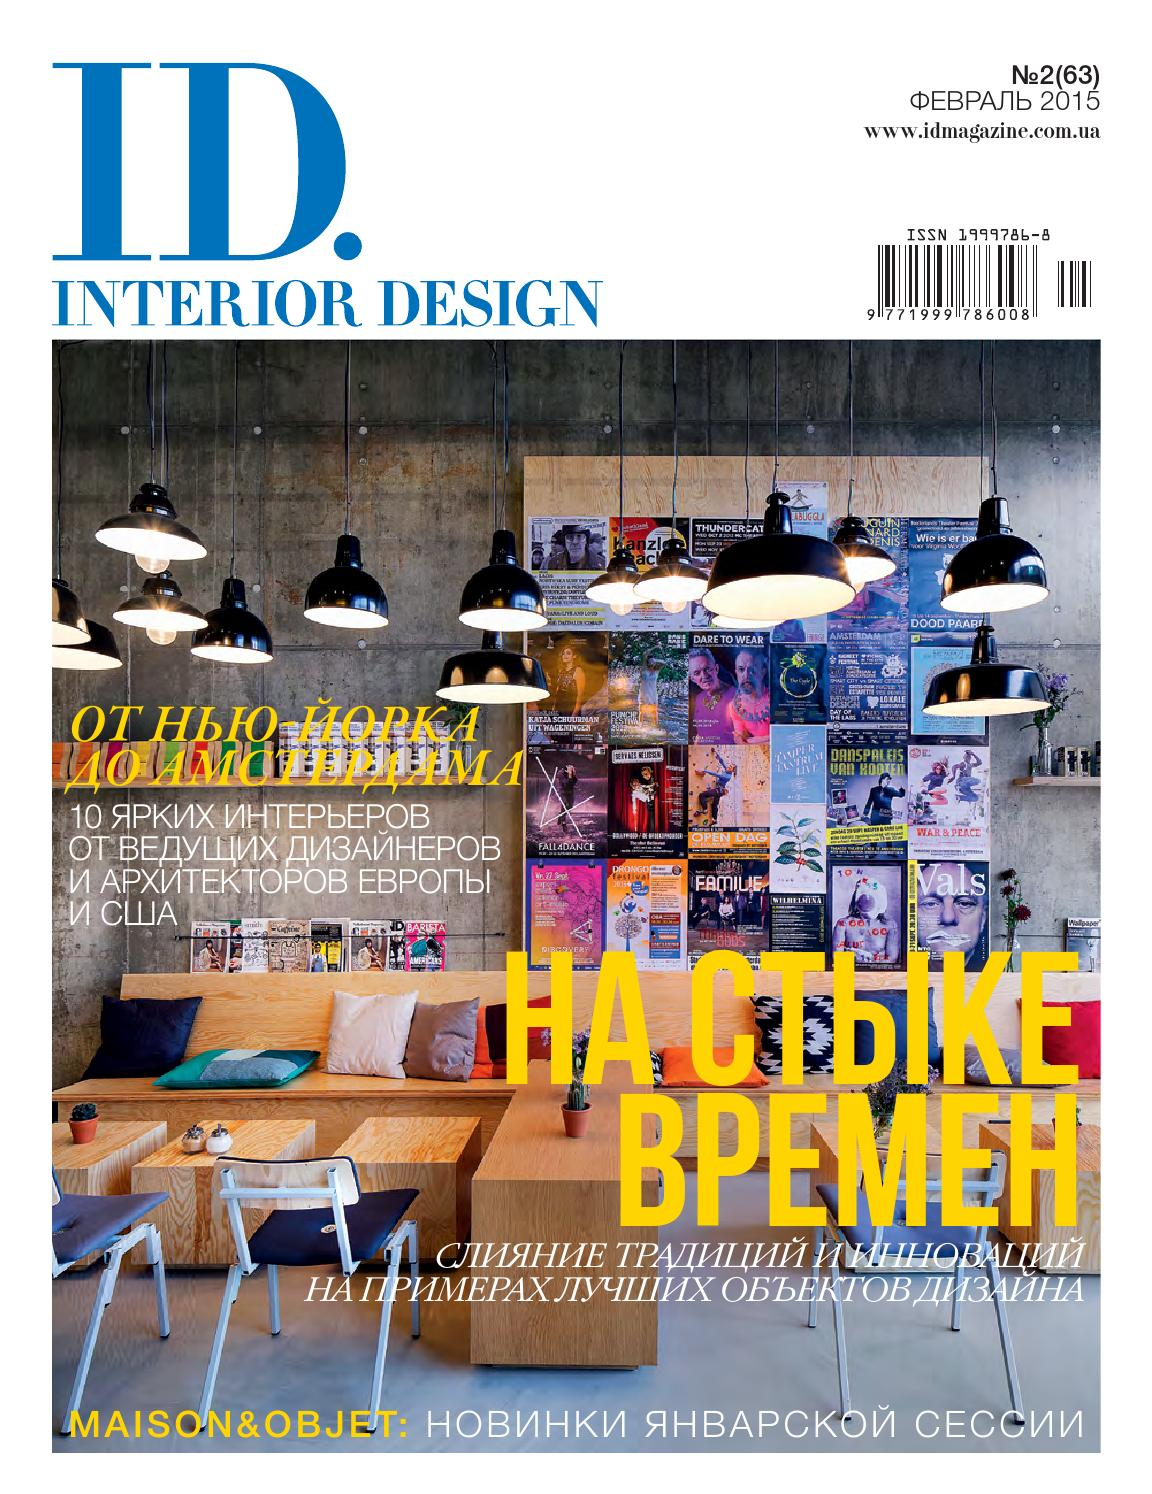 Журнал о дизайне интерьера читать